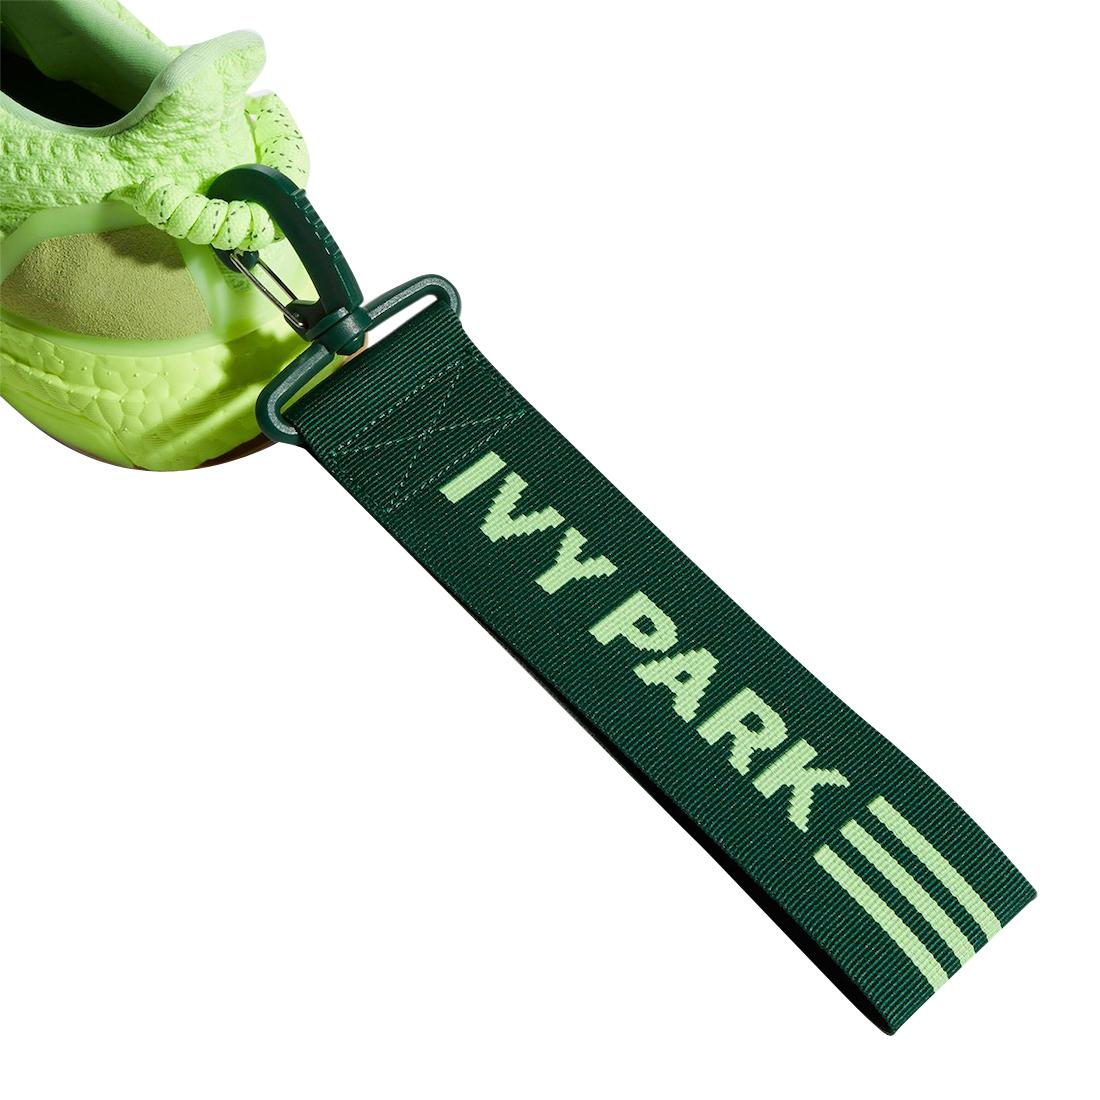 IVY PARK X ULTRABOOST 'HI-RES YELLOW'